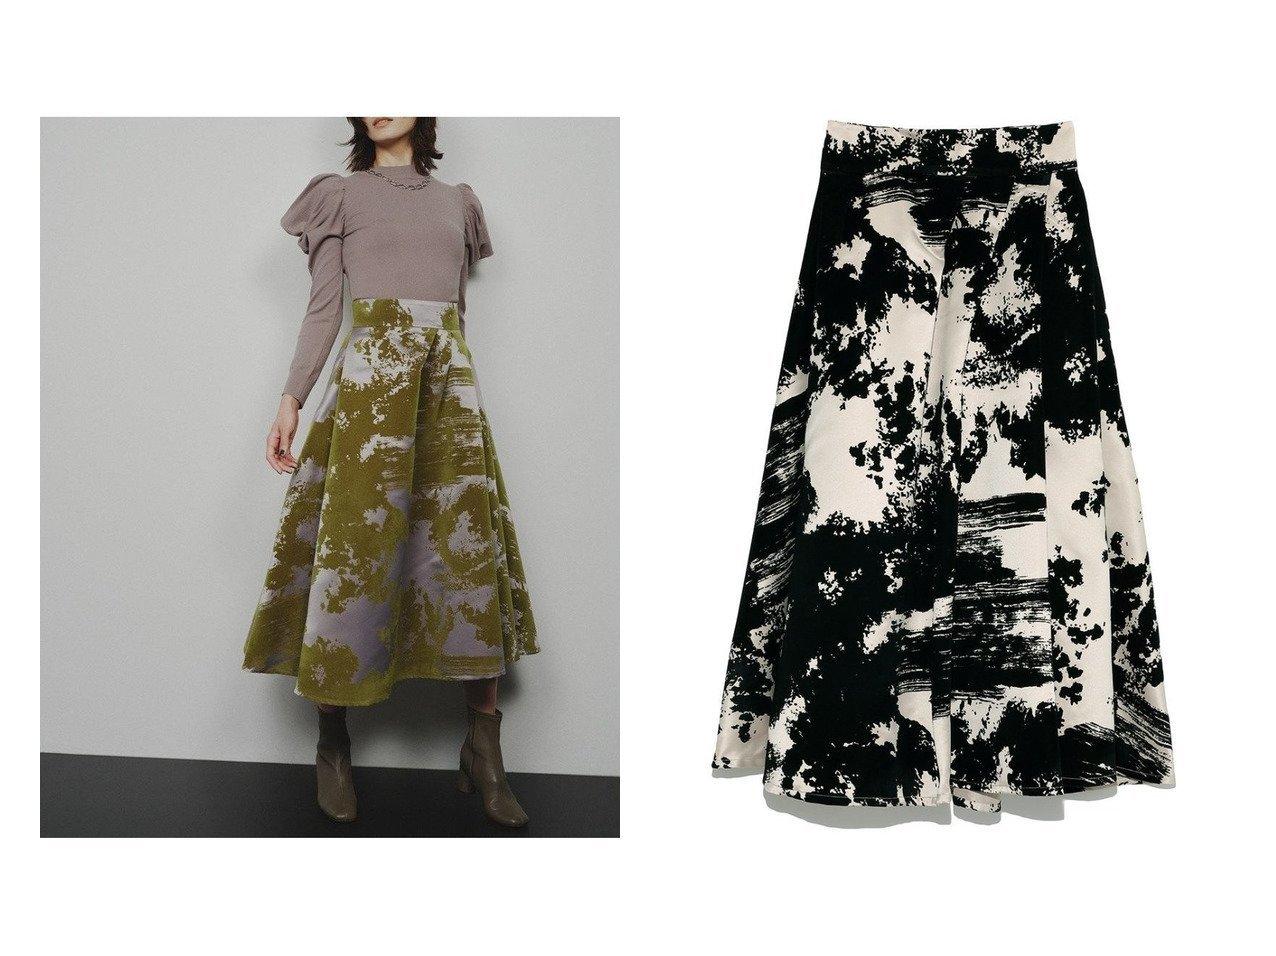 【FRAY I.D/フレイ アイディー】のシャンブレーフロッキースカート 【スカート】おすすめ!人気、トレンド・レディースファッションの通販 おすすめで人気の流行・トレンド、ファッションの通販商品 インテリア・家具・メンズファッション・キッズファッション・レディースファッション・服の通販 founy(ファニー) https://founy.com/ ファッション Fashion レディースファッション WOMEN スカート Skirt ロングスカート Long Skirt オケージョン コンシャス サテン シンプル テクスチャー バランス フレア プリント ロング  ID:crp329100000068579